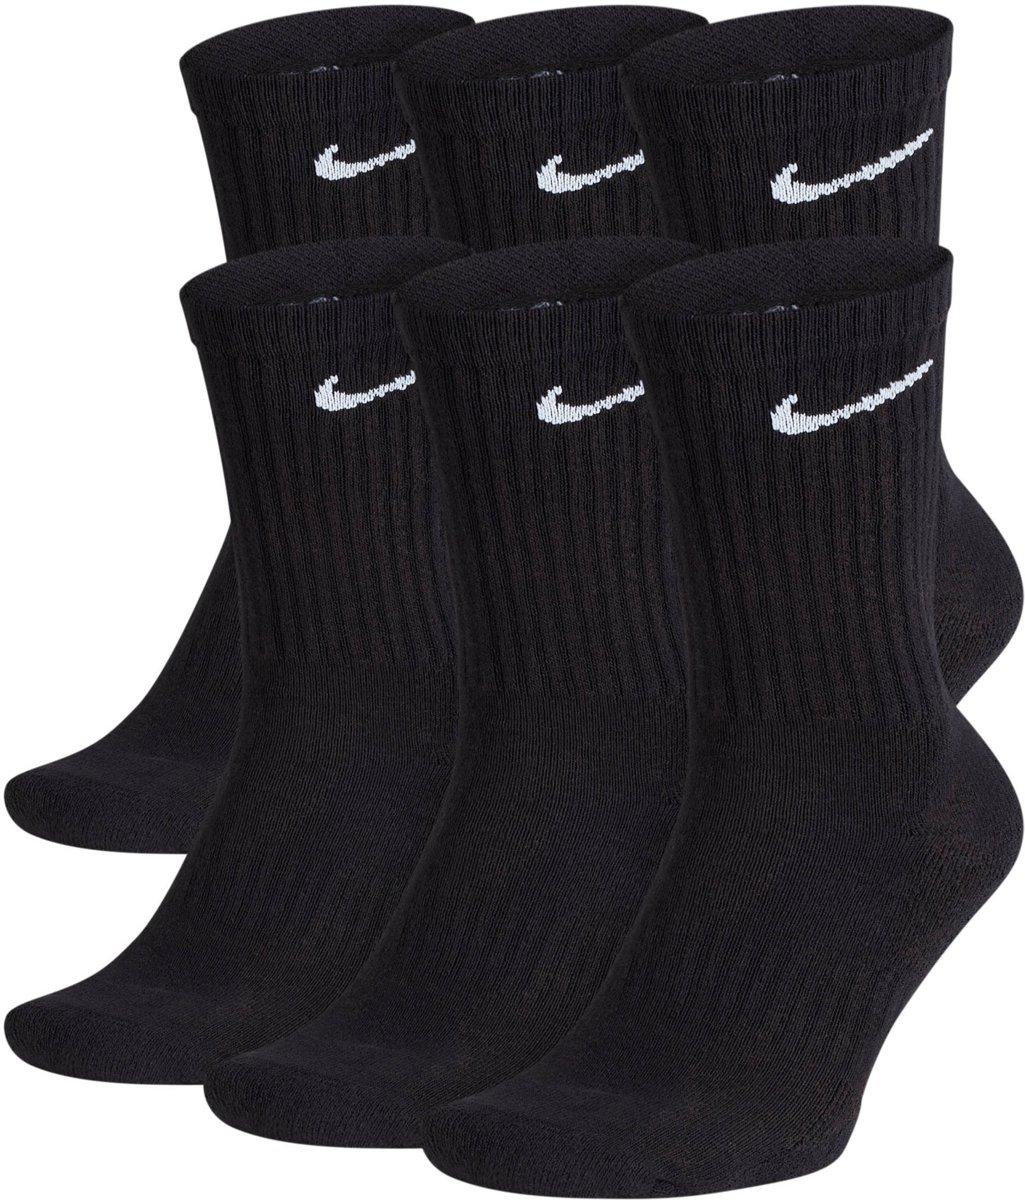 Nike Everyday Cushion Crew Sokken  Sportsokken - Maat 43-46 - Unisex - zwart/wit Maat 42-46 kopen